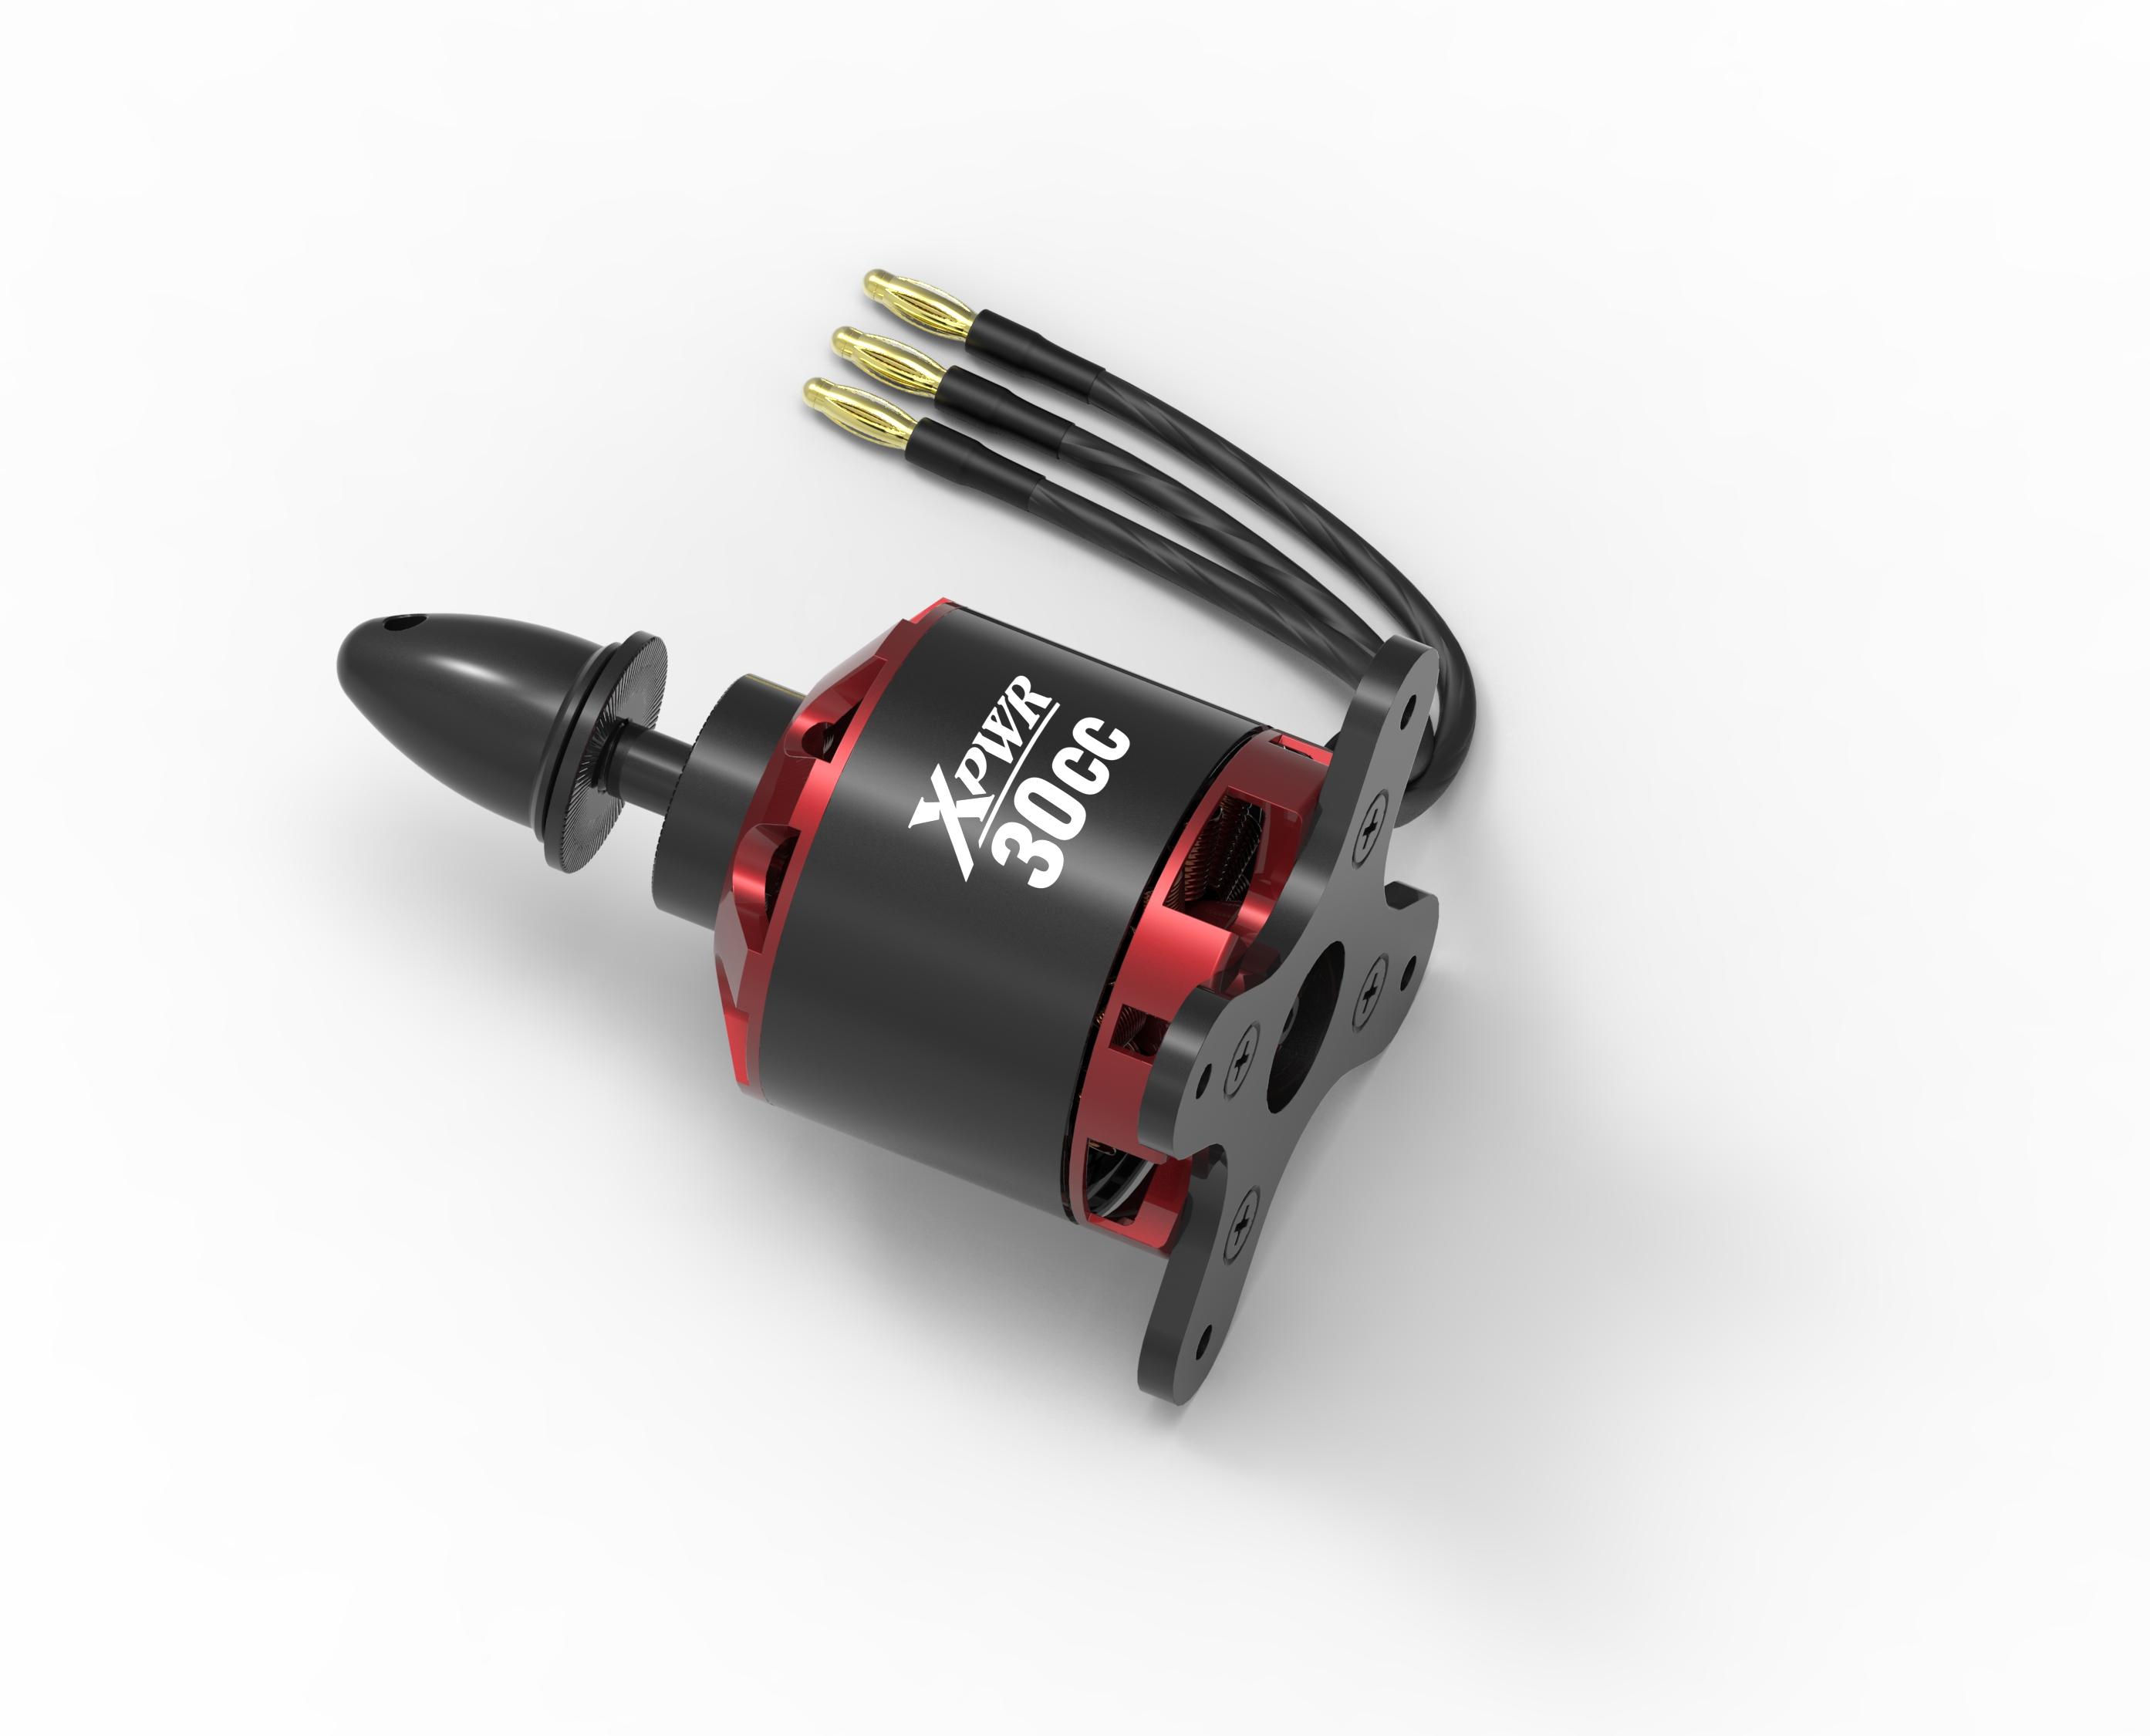 Xpwr 30CC Motor